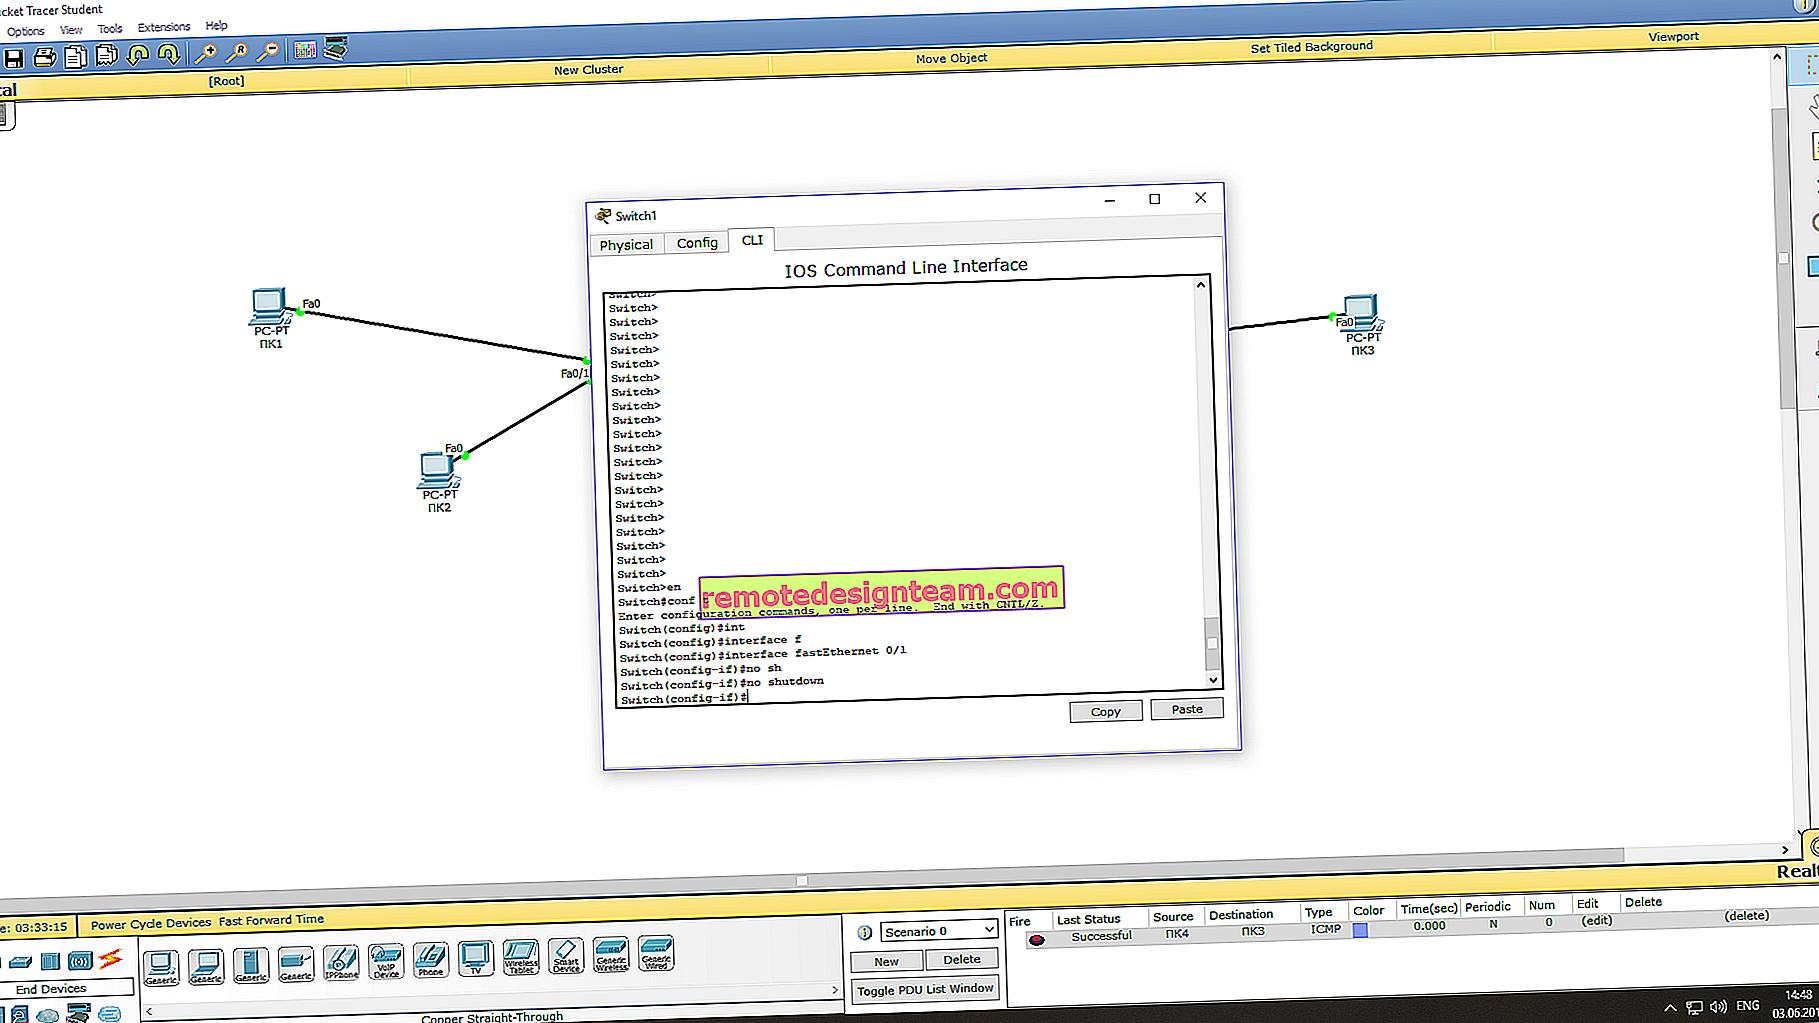 Dapatkan alamat IP secara otomatis di Windows. Bagaimana cara menyiapkannya?